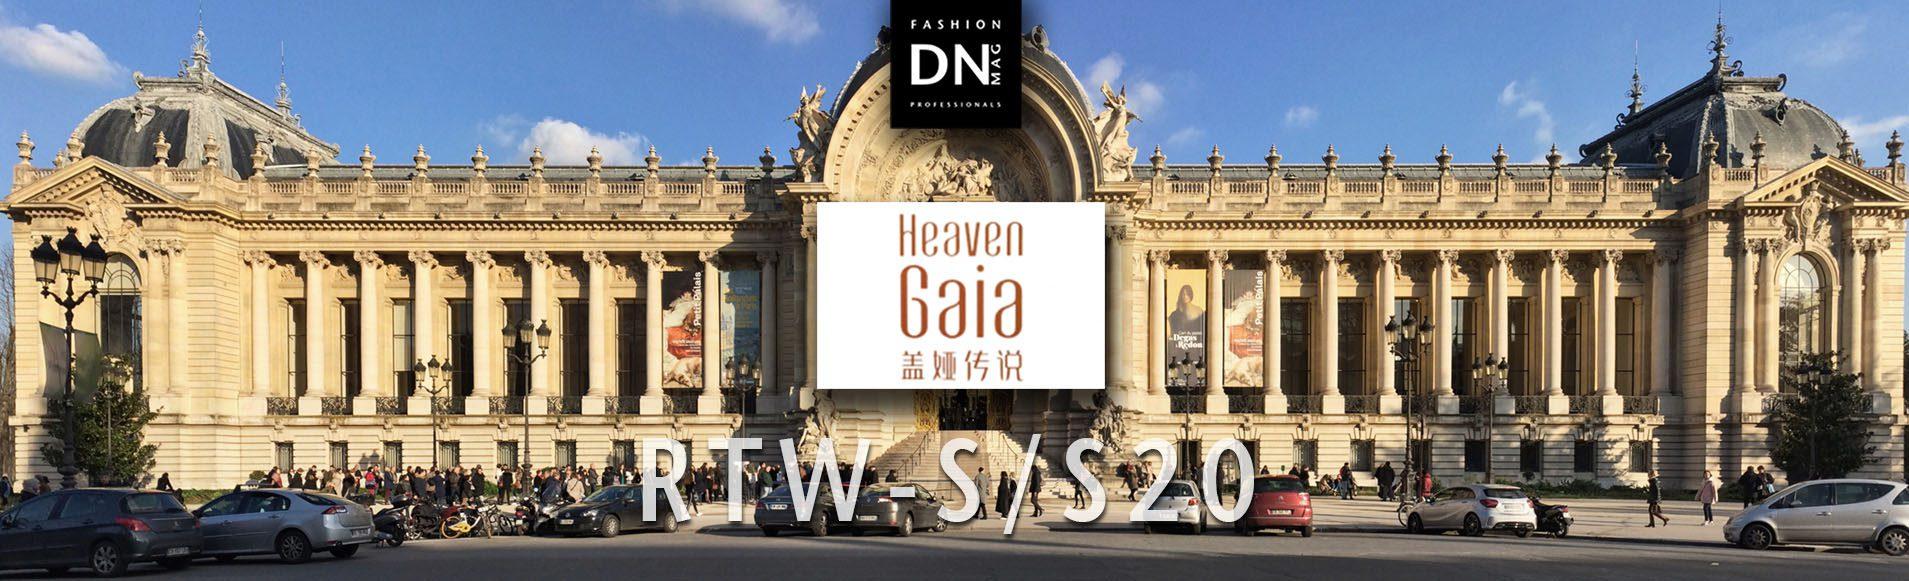 HEAVEN-GAIA-RTW-SS20-PARIS-DNMAG